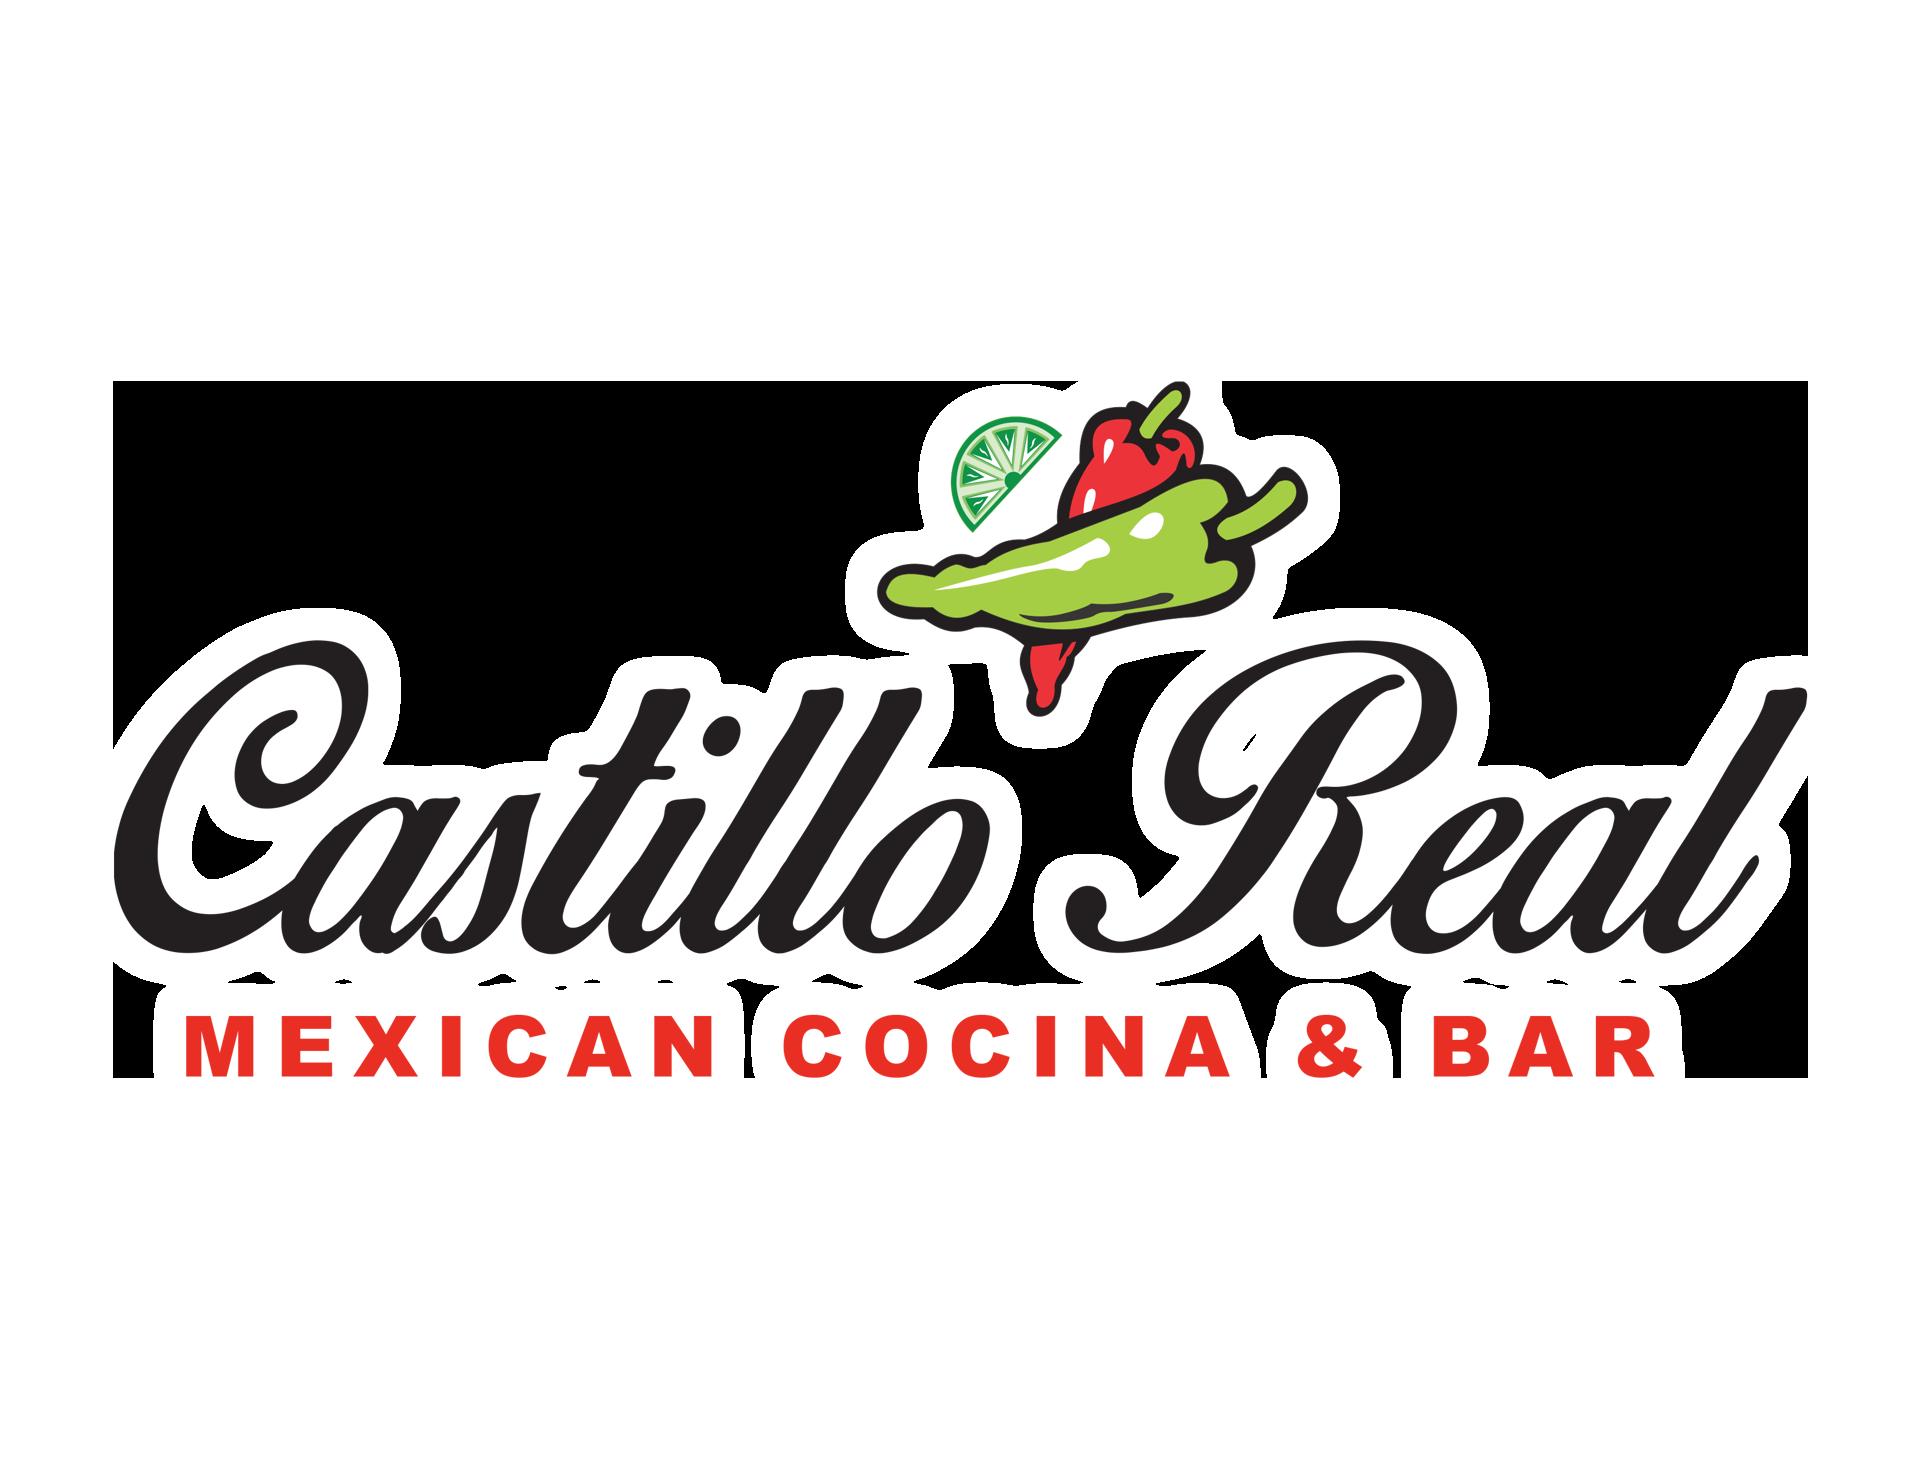 Castillo Real Mexican Cocina & Bar Logo